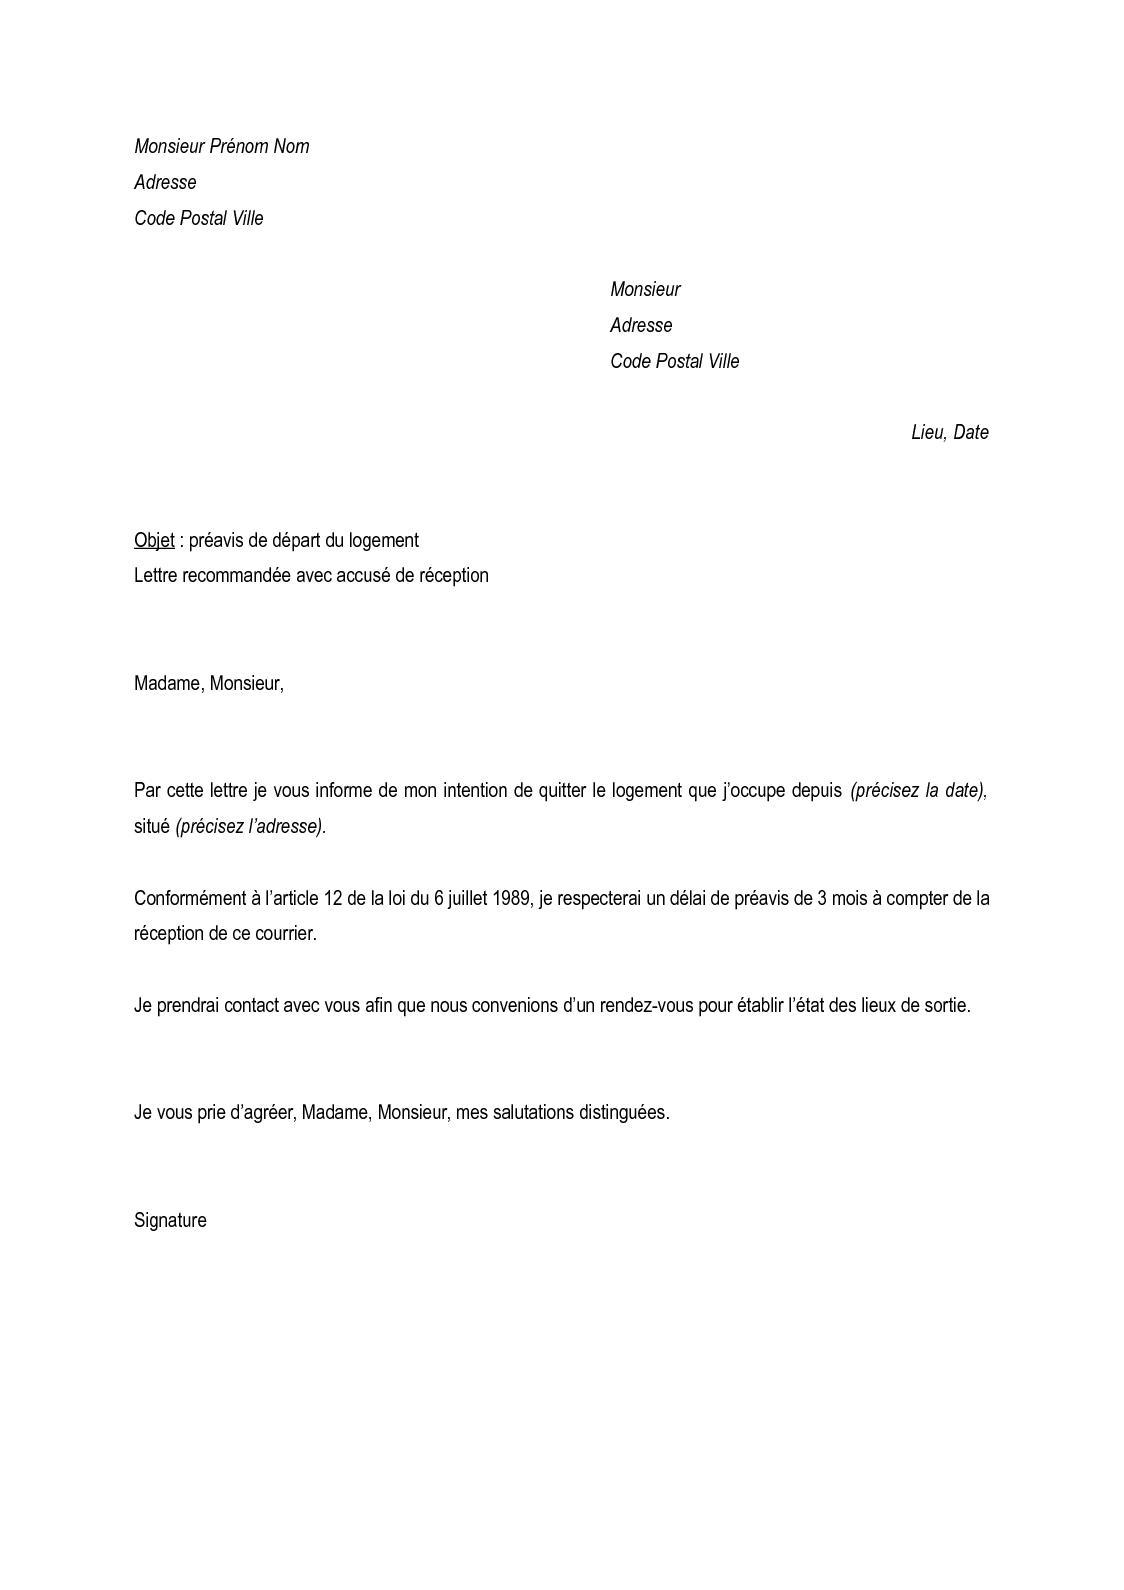 Lettre De Préavis De 3 Mois De Départ Dun Logement - Exemple de Lettre